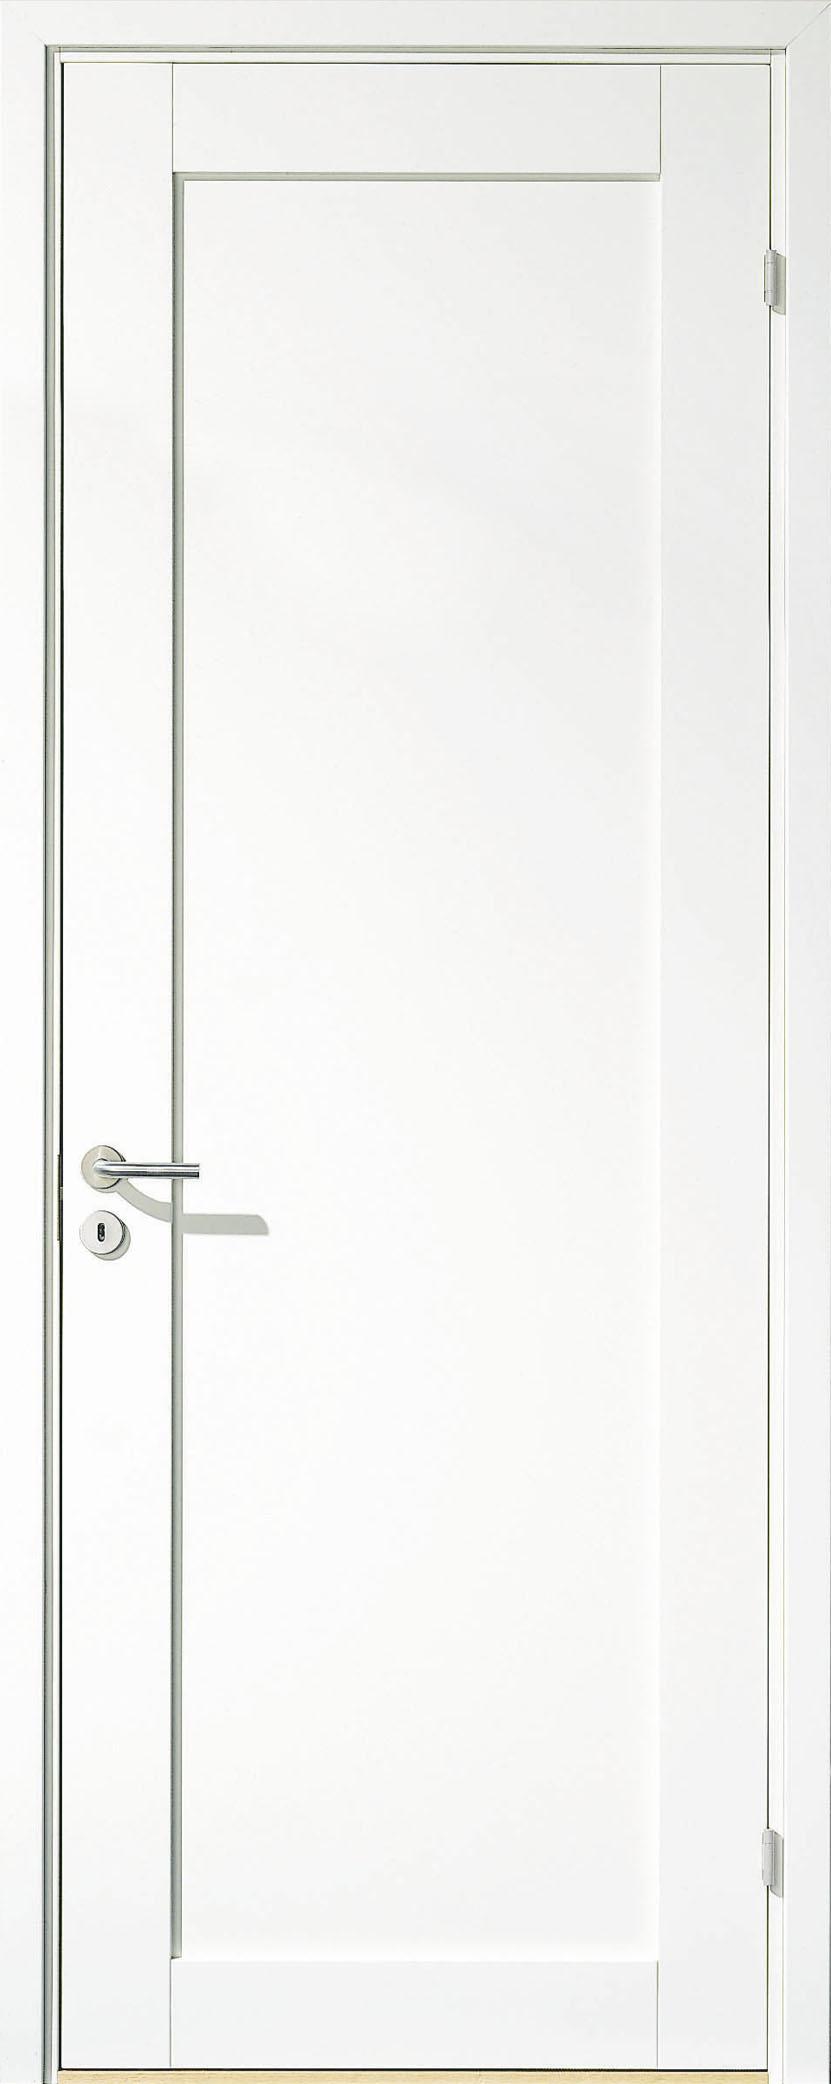 8001 Addera högdörr